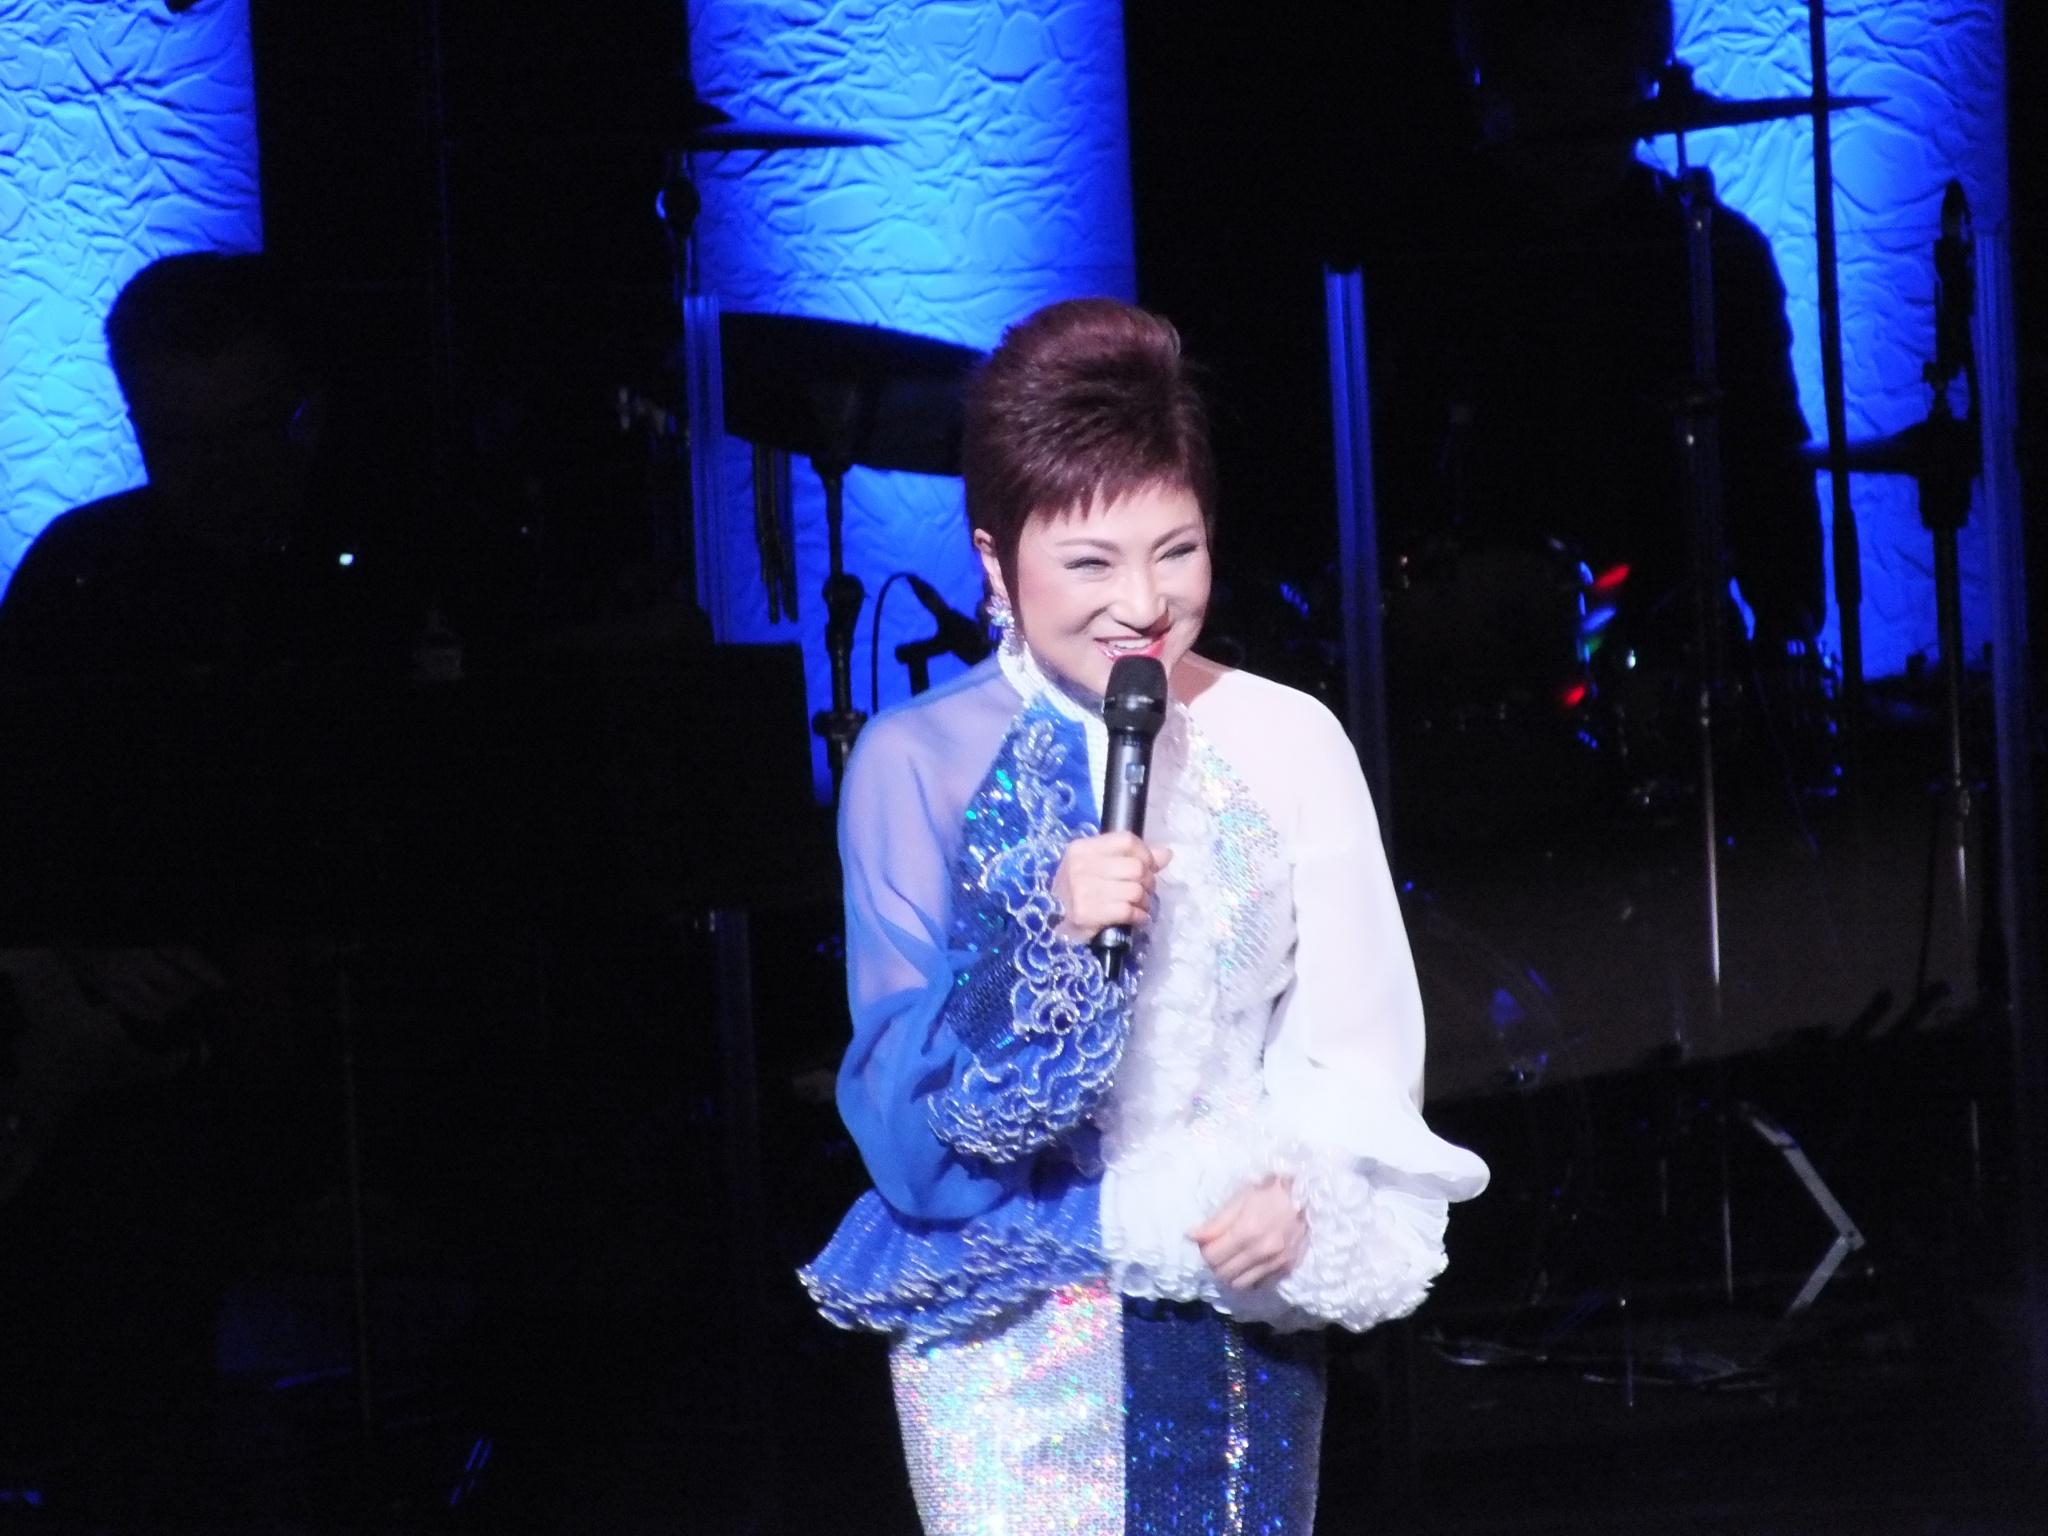 夢コンサート(江戸川区総合文化センター):北原ミレイ